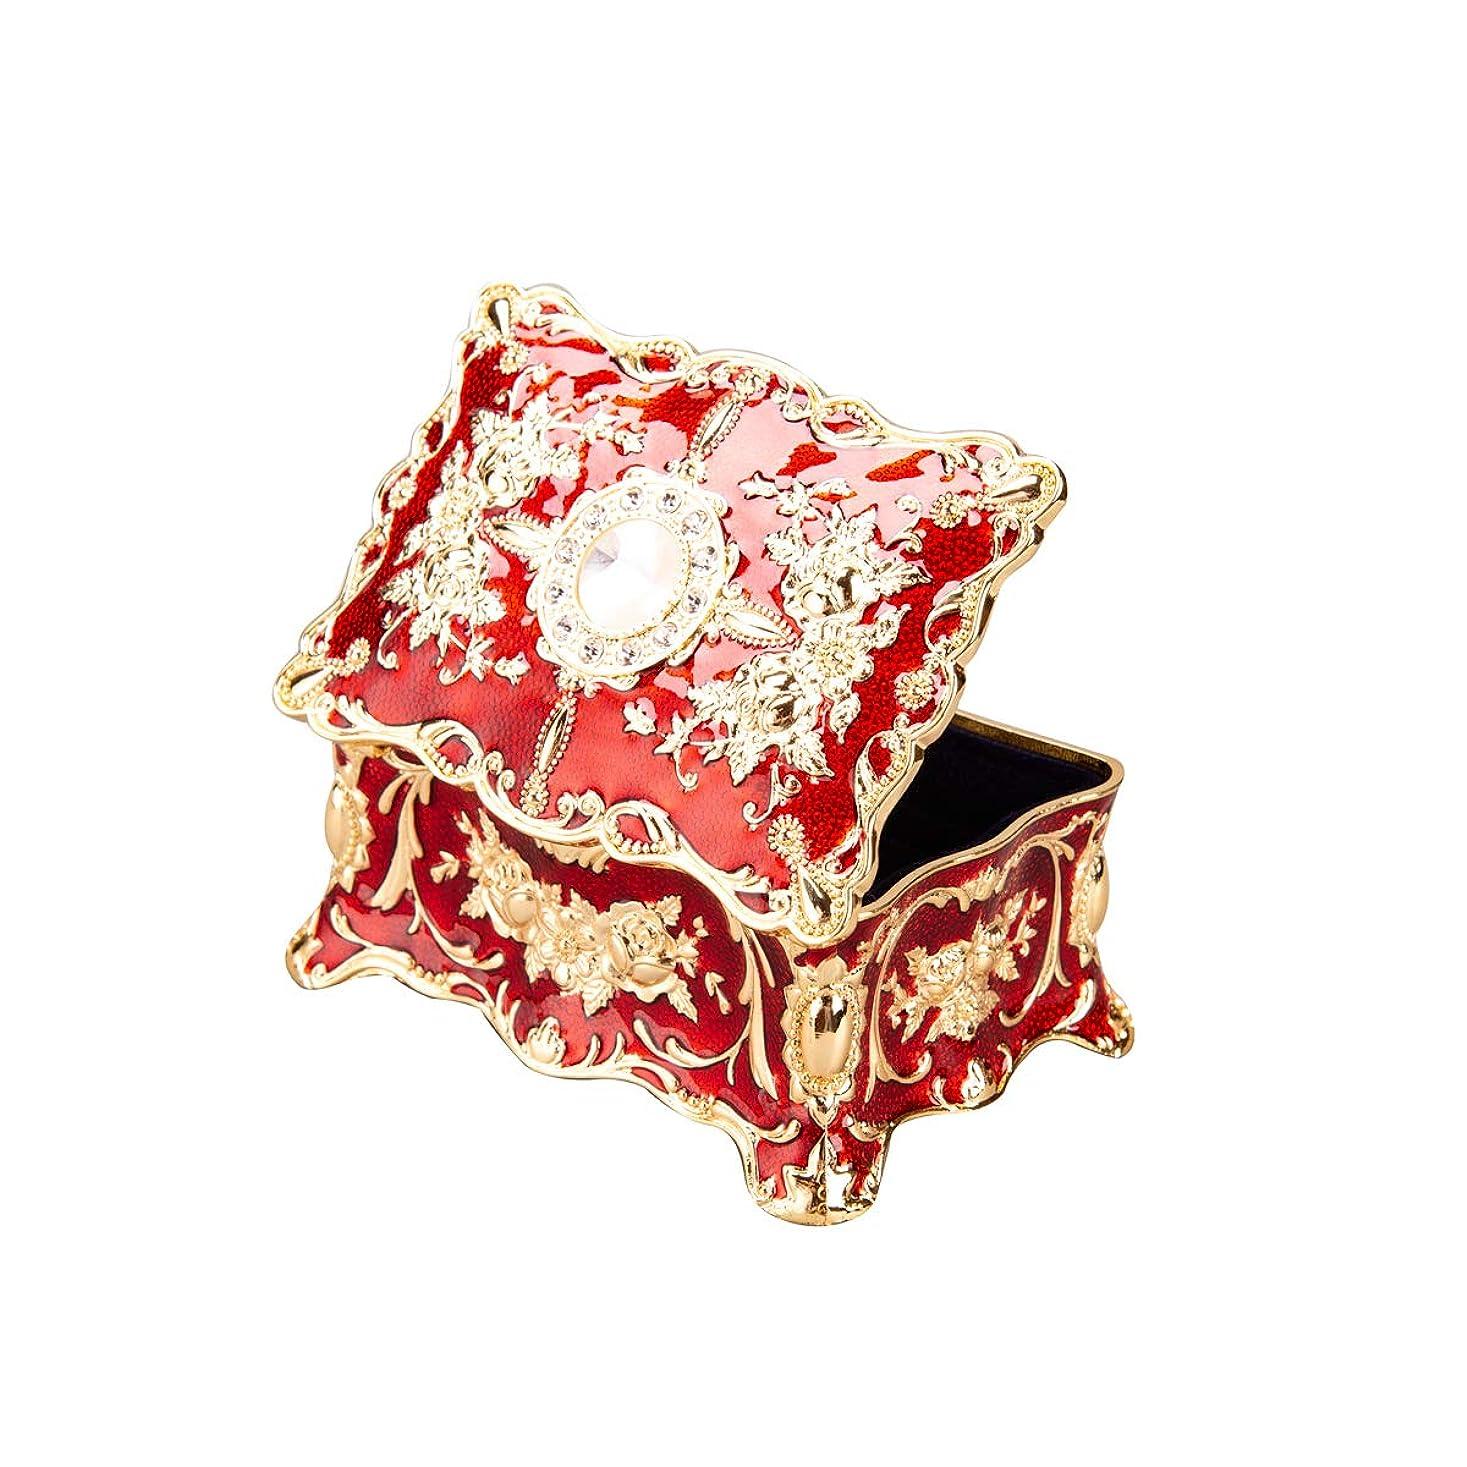 劇的骨の折れる受取人Feyarl ジュエリーボックス 宝石箱 ジュエリー収納 ジュエリーケース 腕時計ボックス レッド 長方形 M